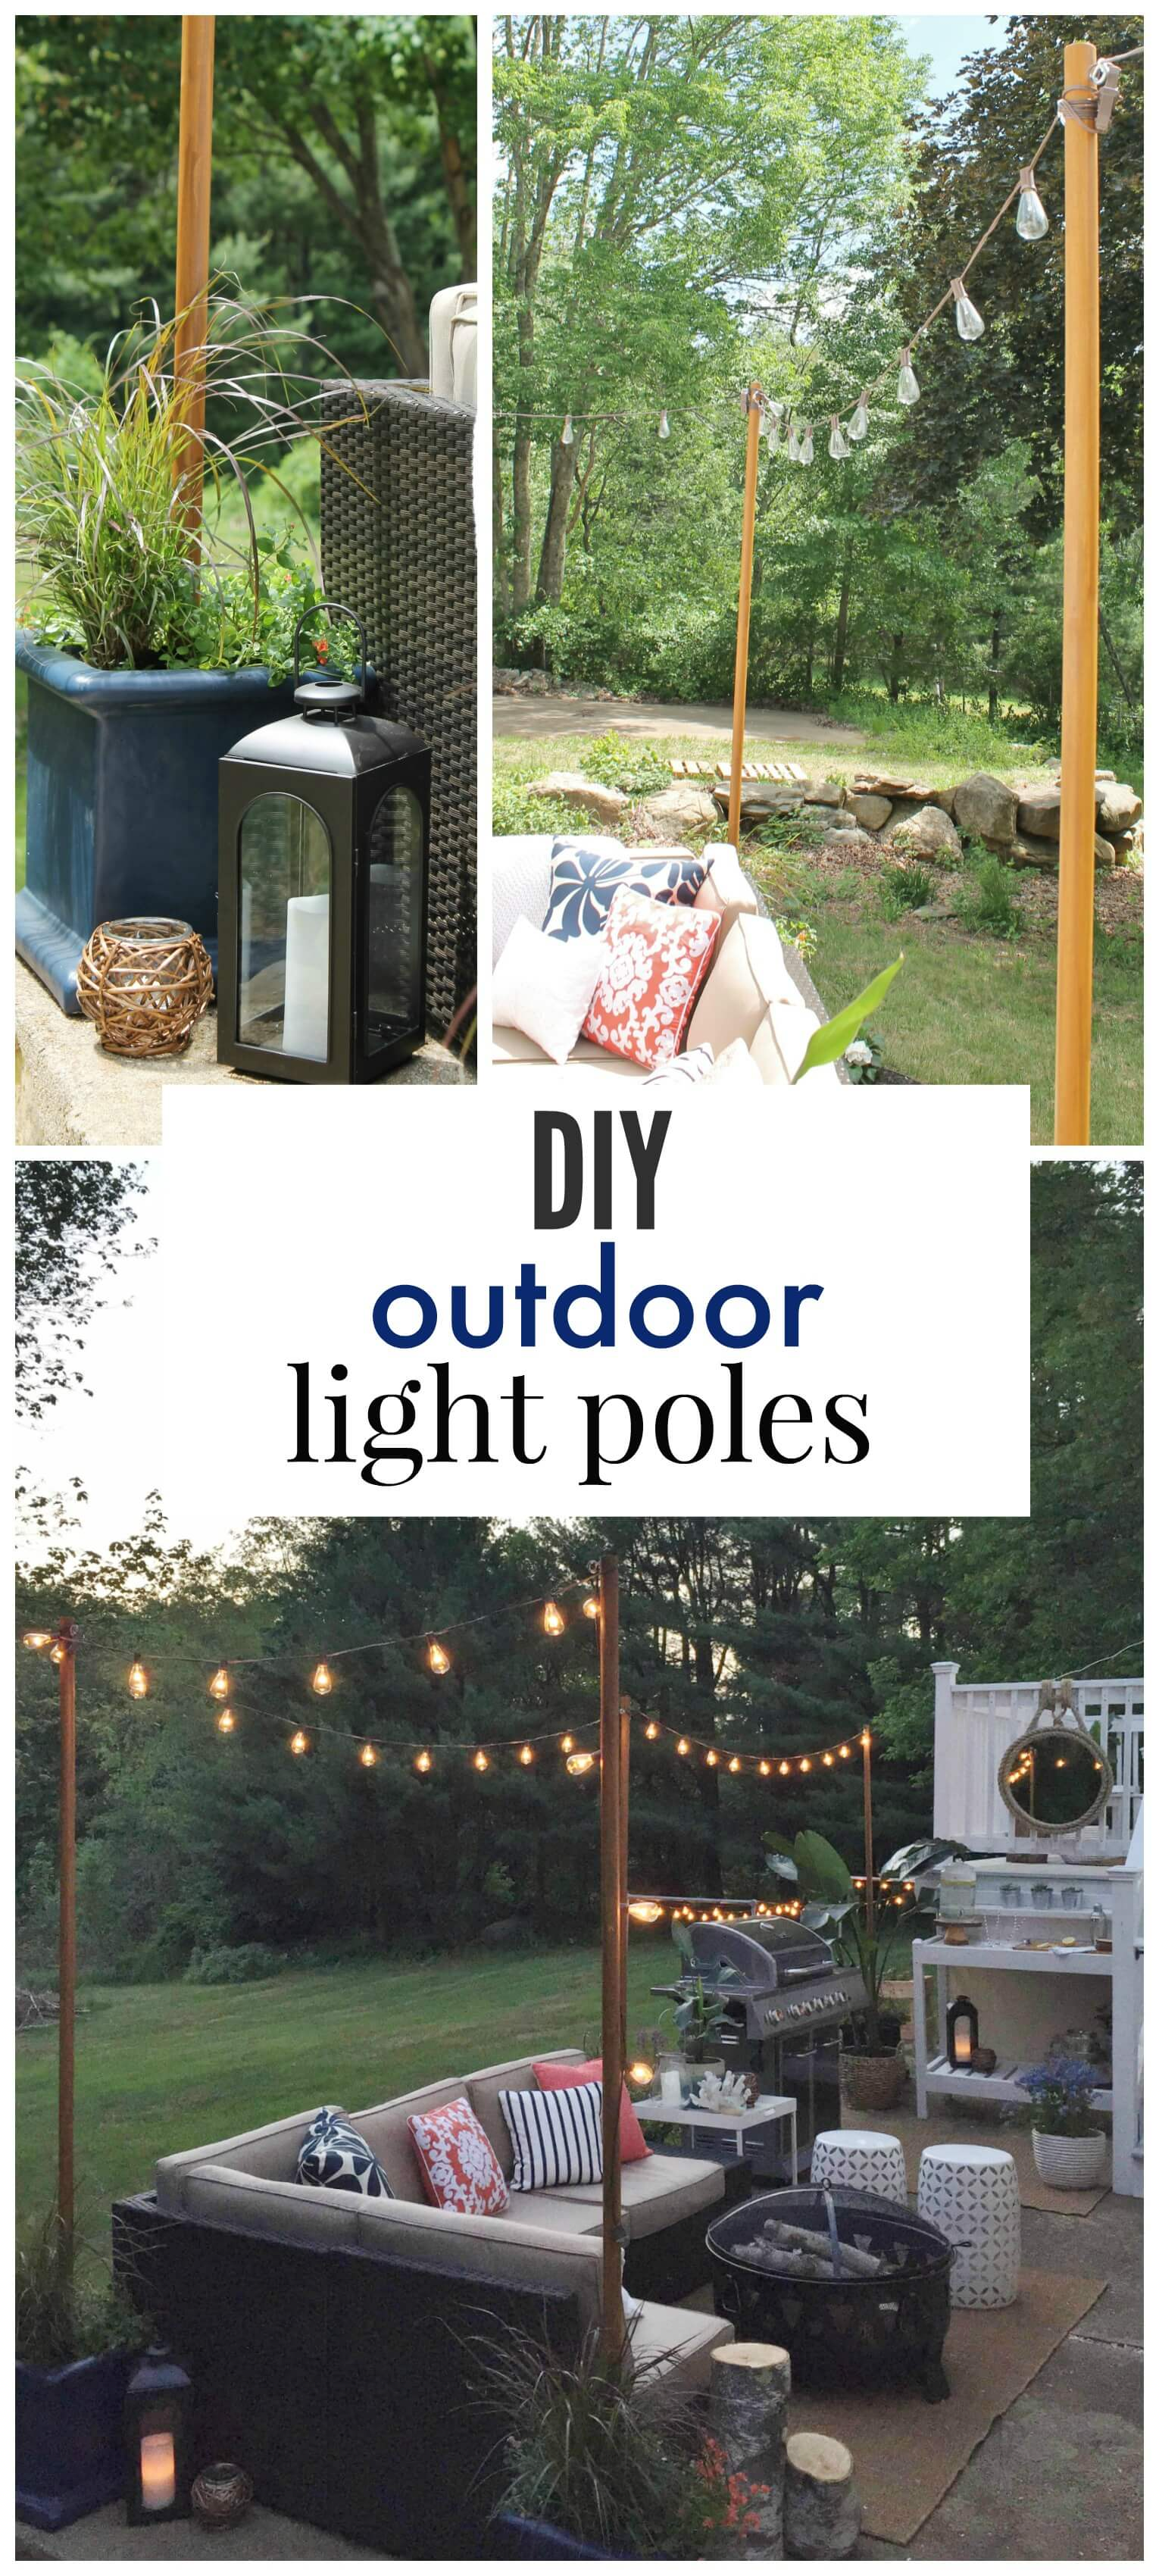 Stringing Night Lights Outdoor Poles